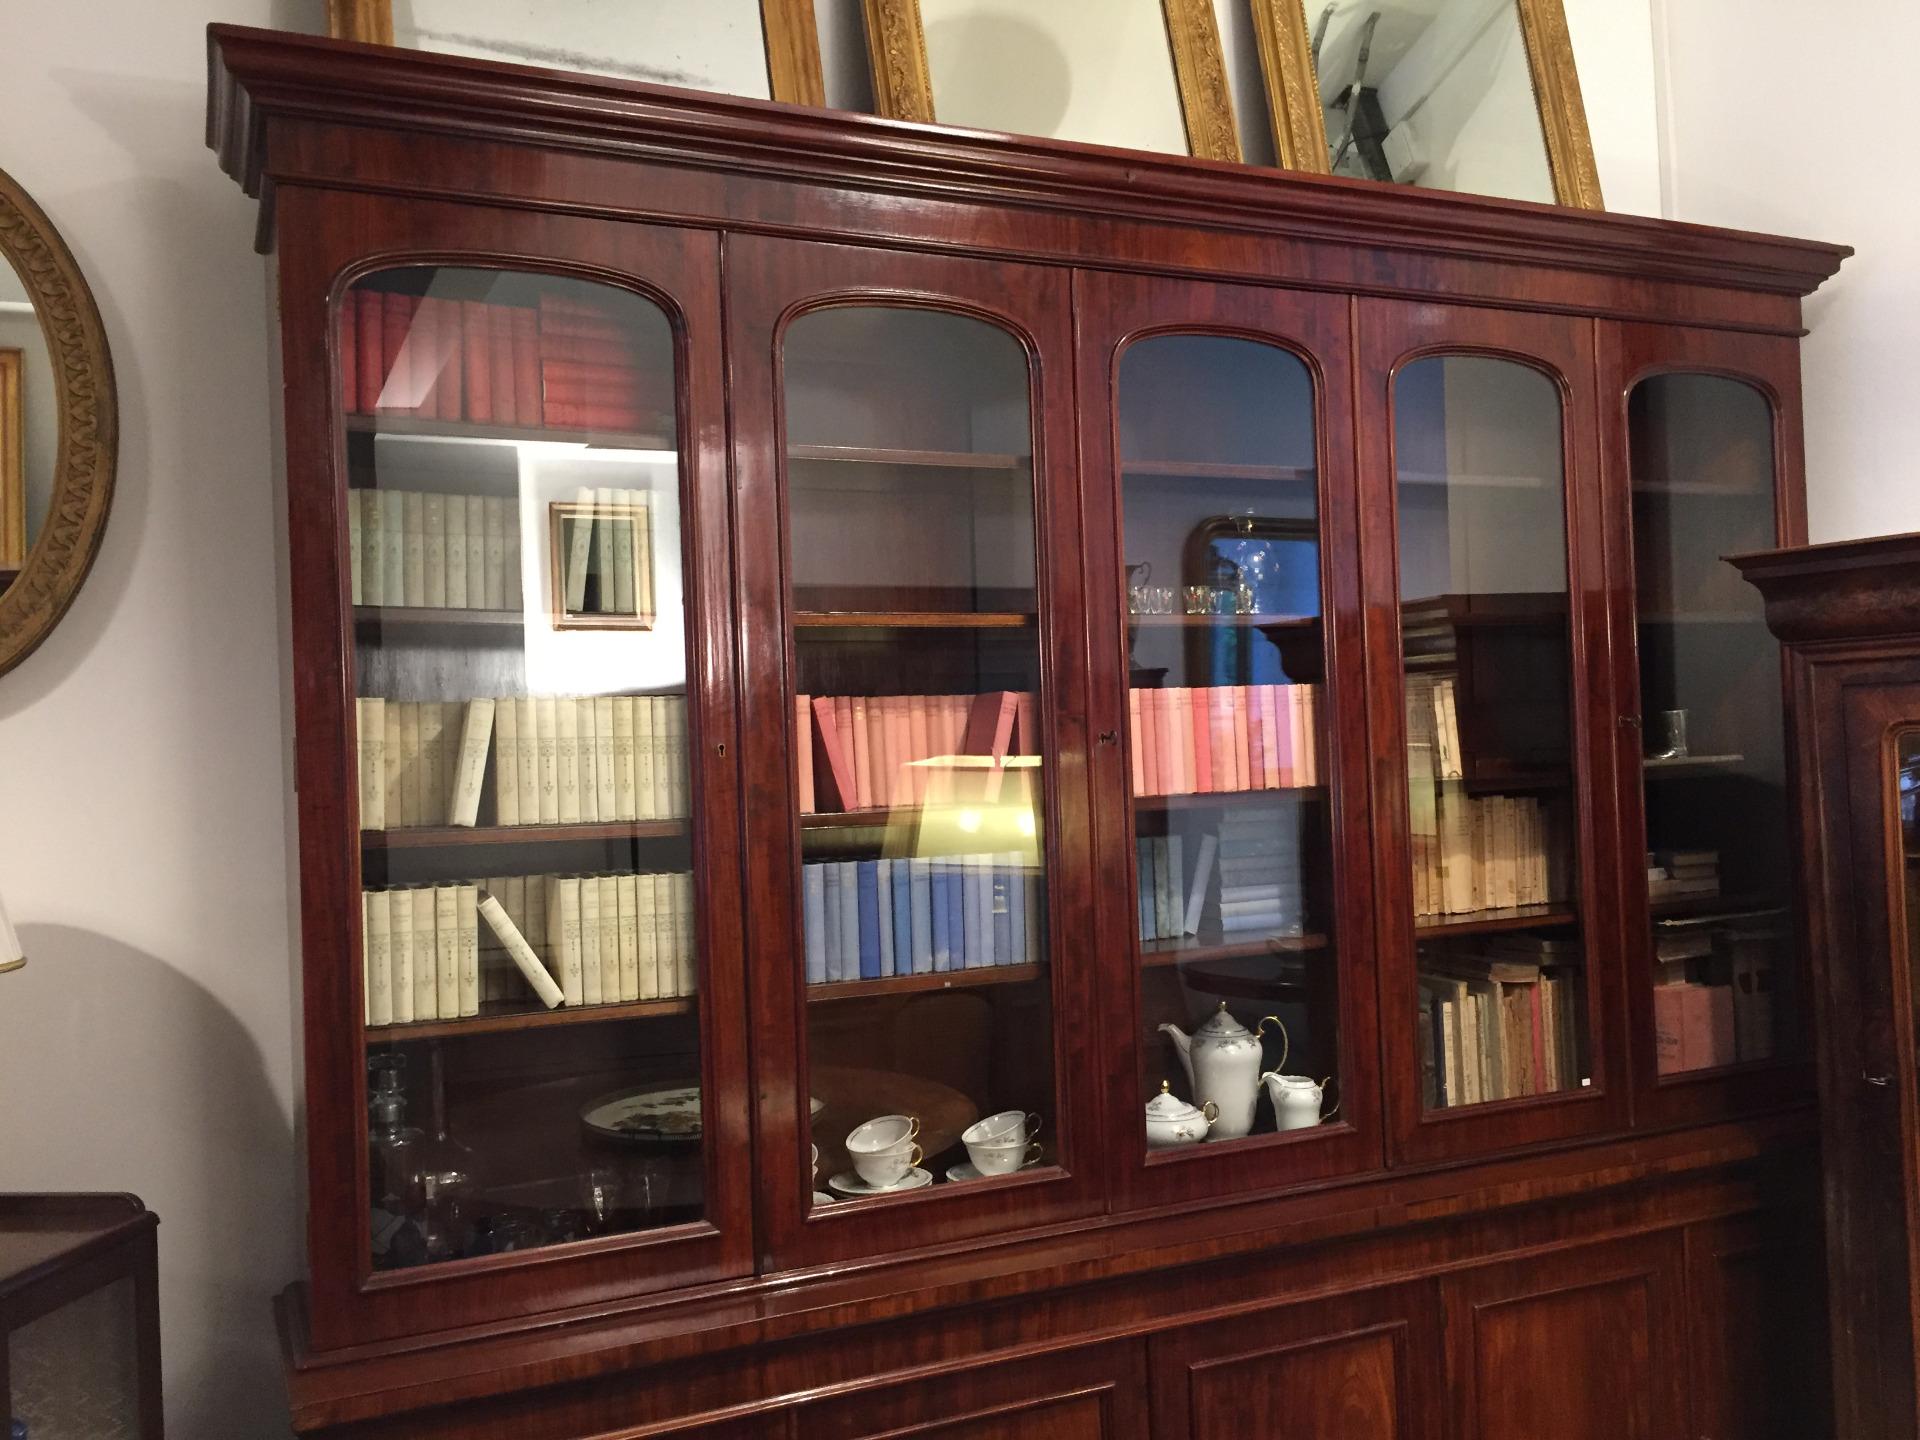 Libreria in mogano anni 30 40 inglese stile vittoriano antiquariato su anticoantico - Mobili stile vittoriano ...